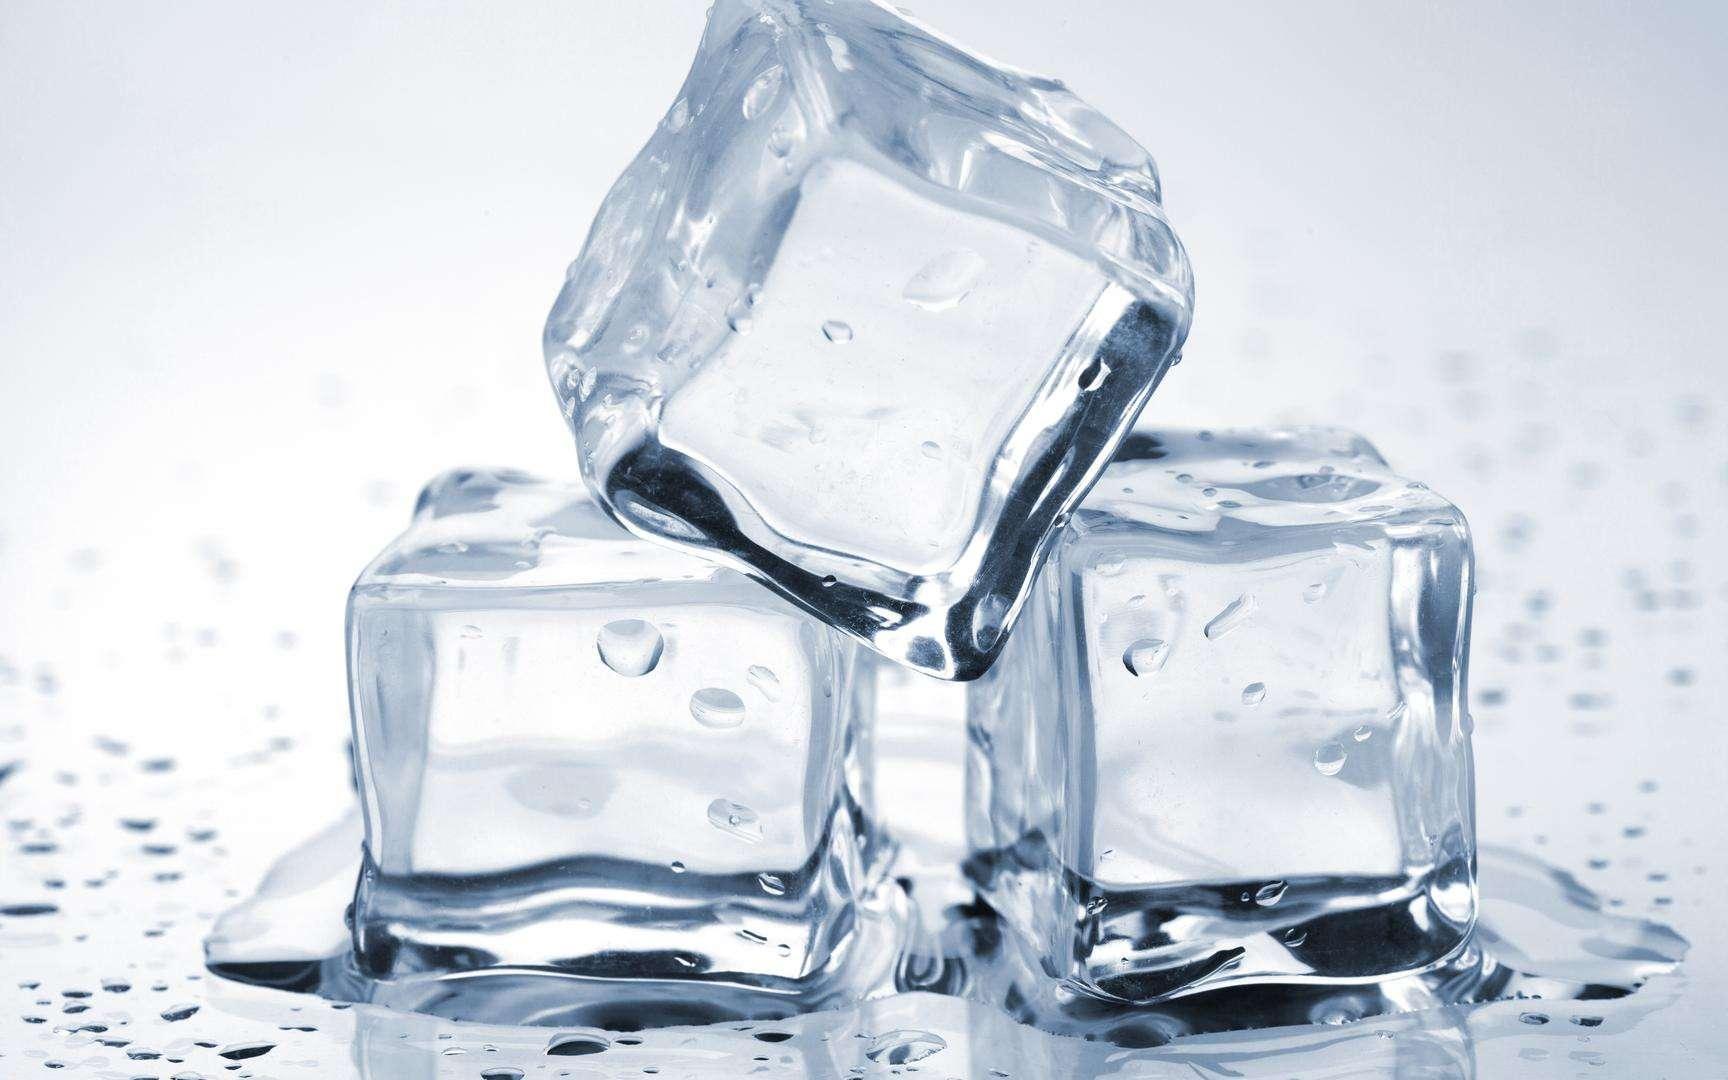 Grâce à de petites astuces, il est possible d'empêcher la glace de fondre trop rapidement. © Evgeny Karandaev, Shutterstock